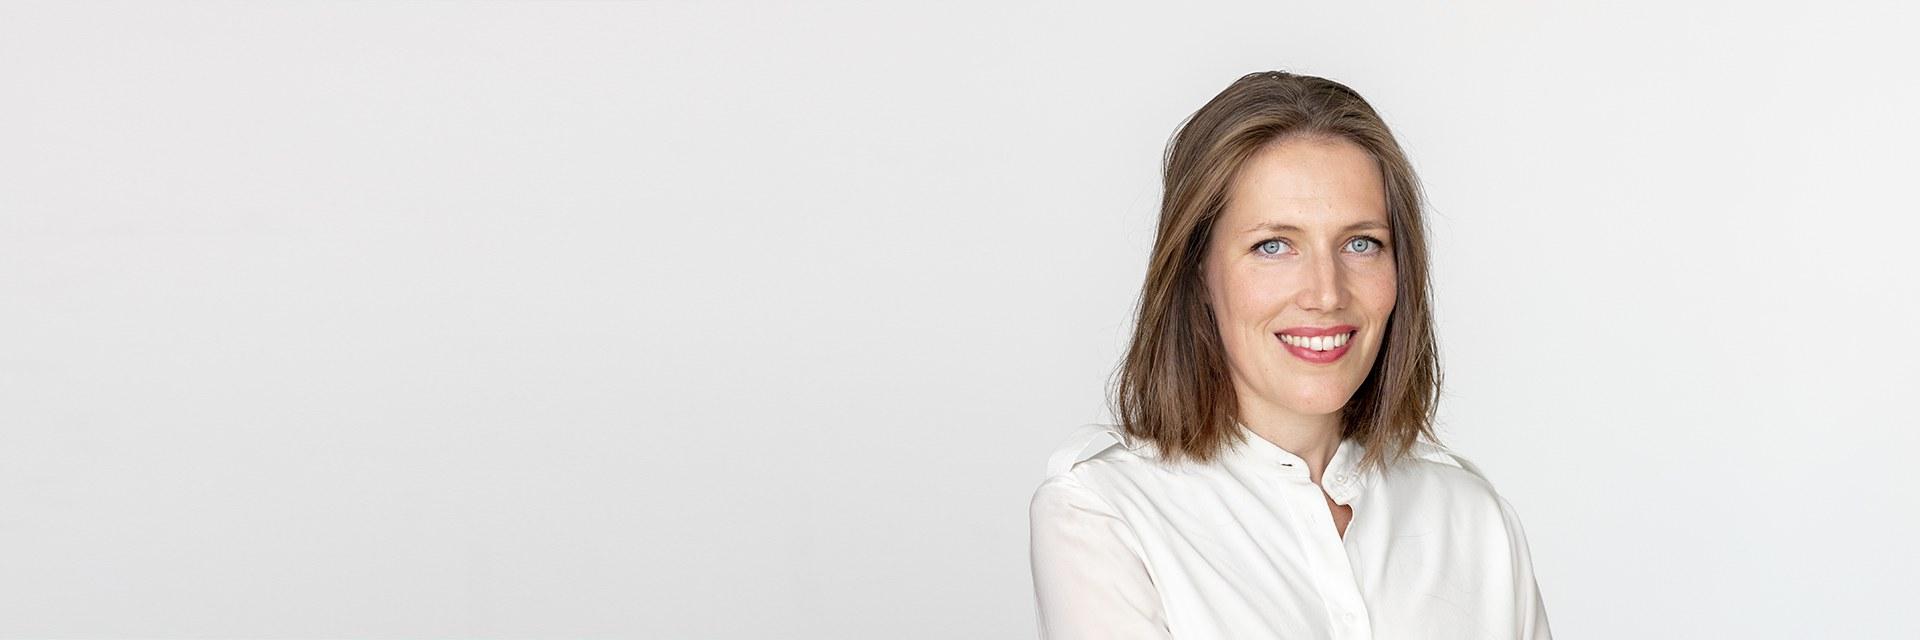 Miriam Stierle